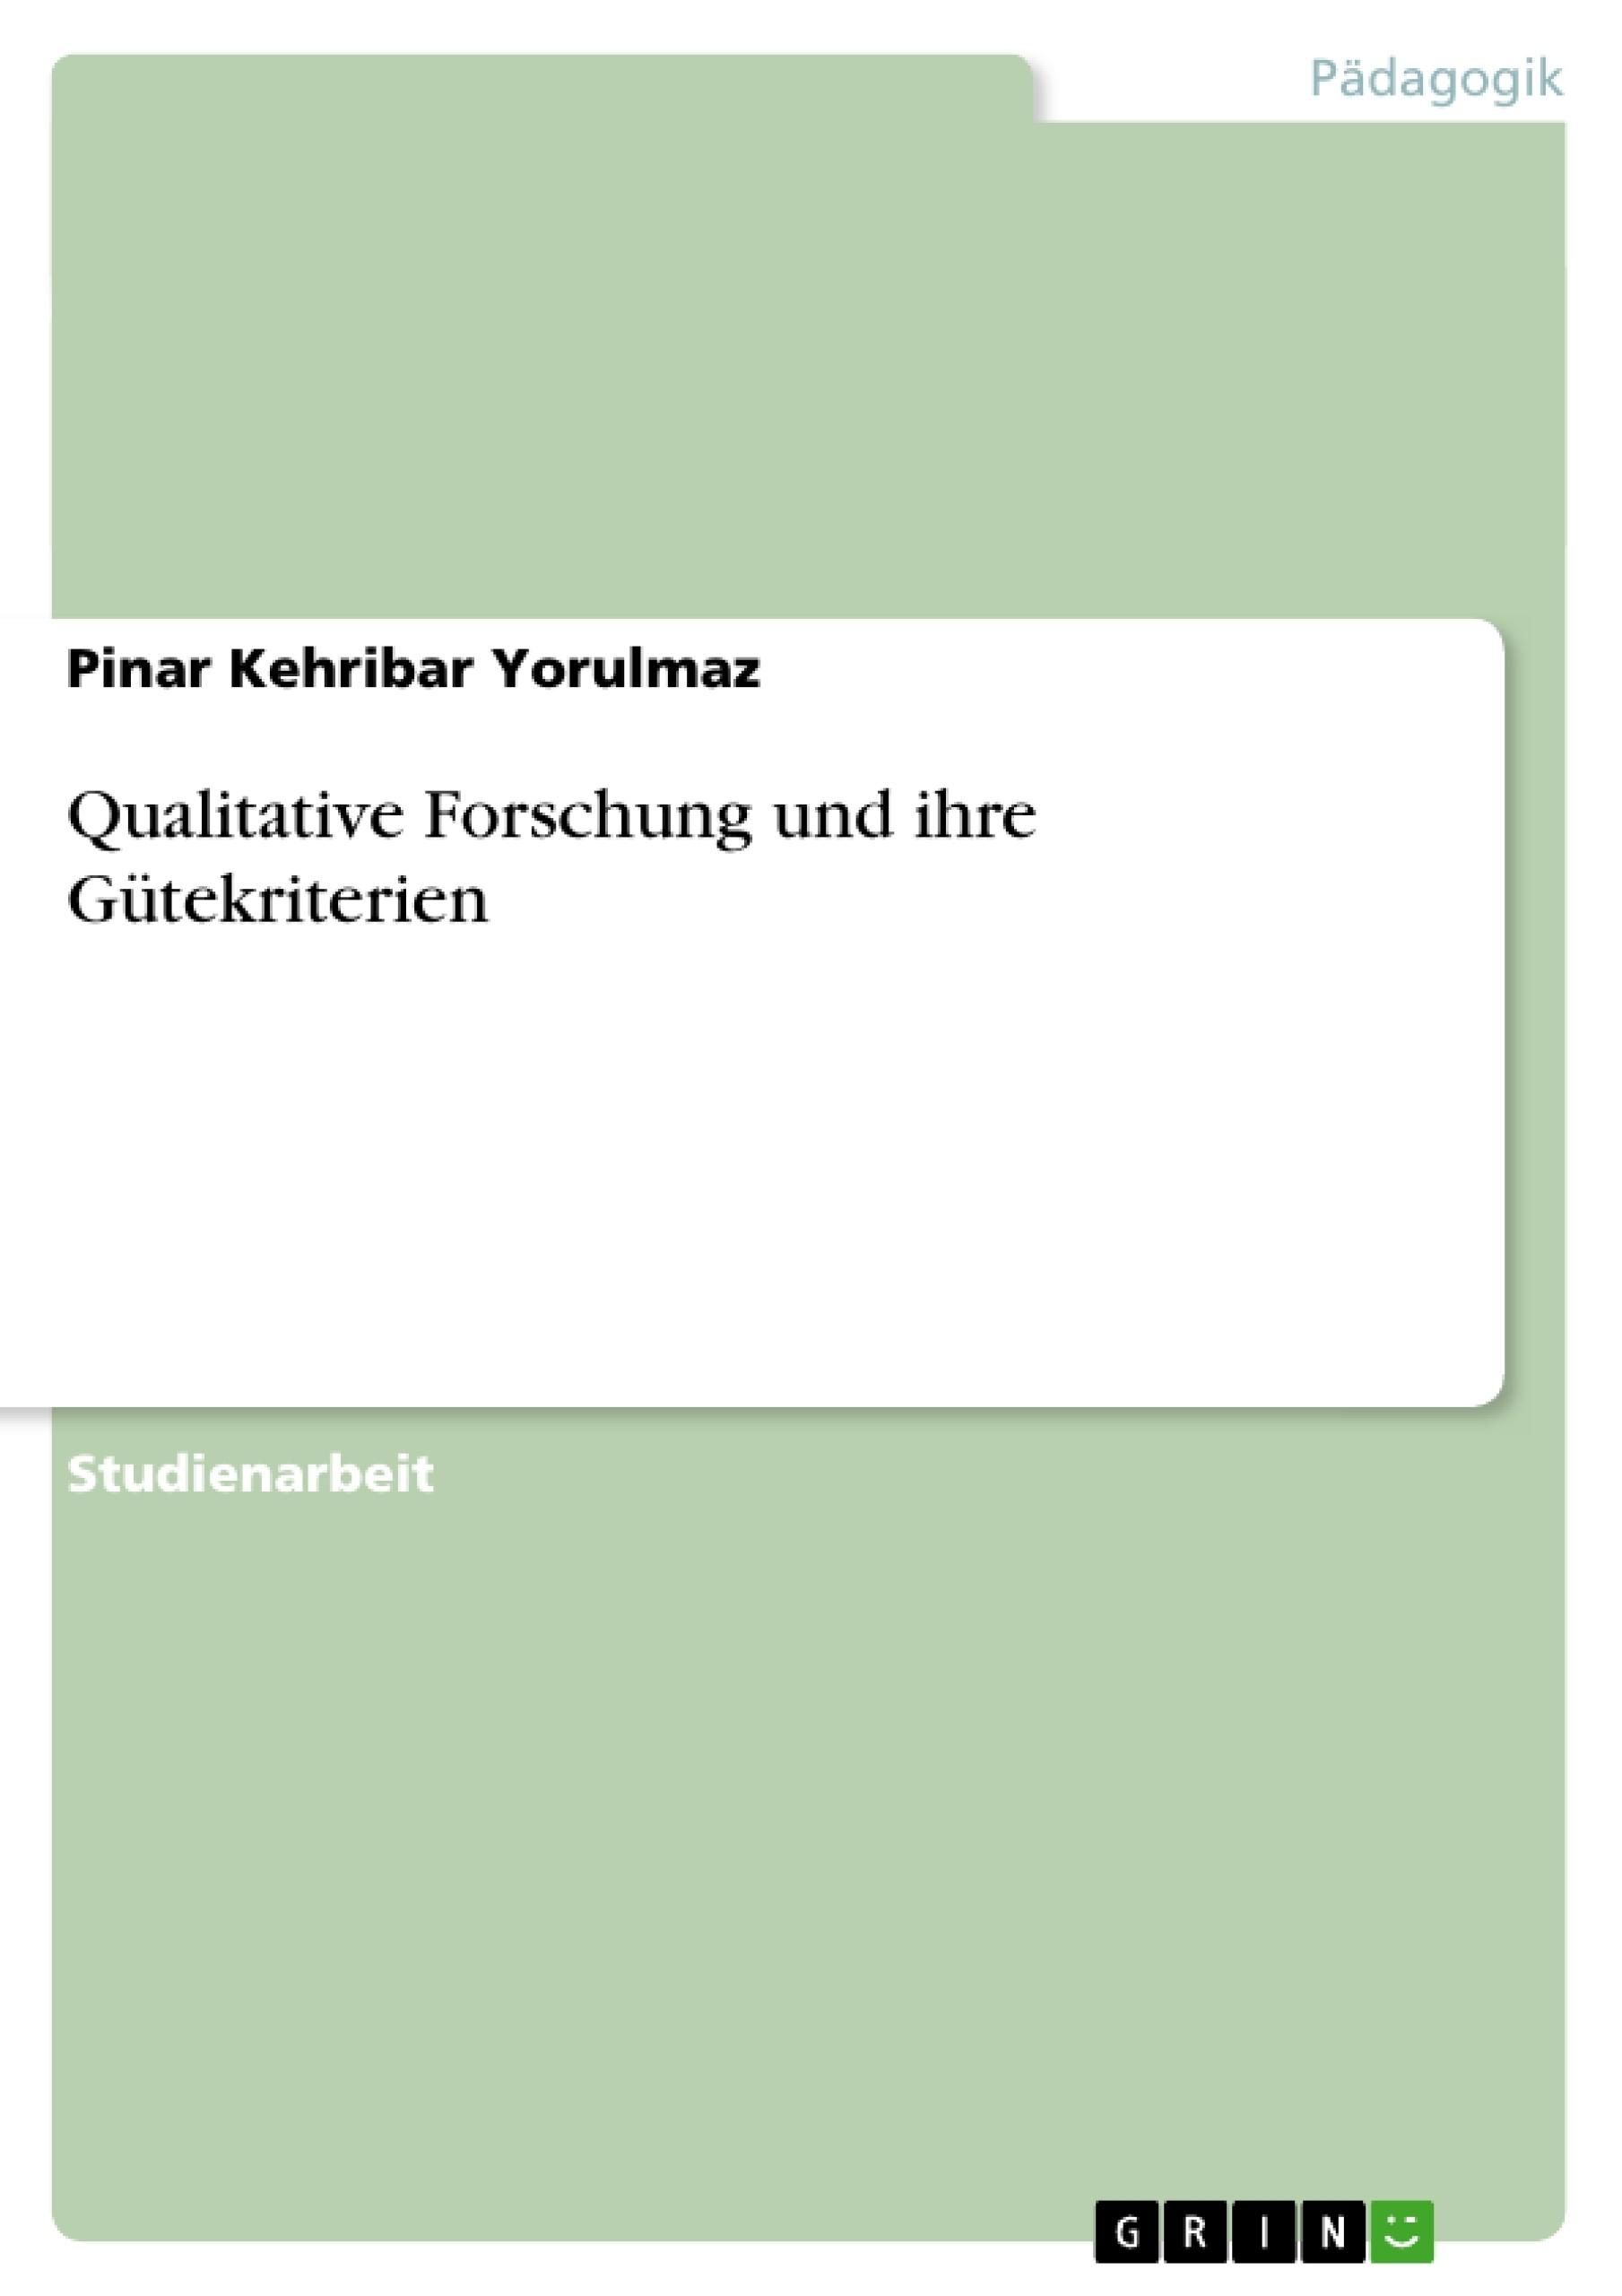 Titel: Qualitative Forschung und ihre Gütekriterien